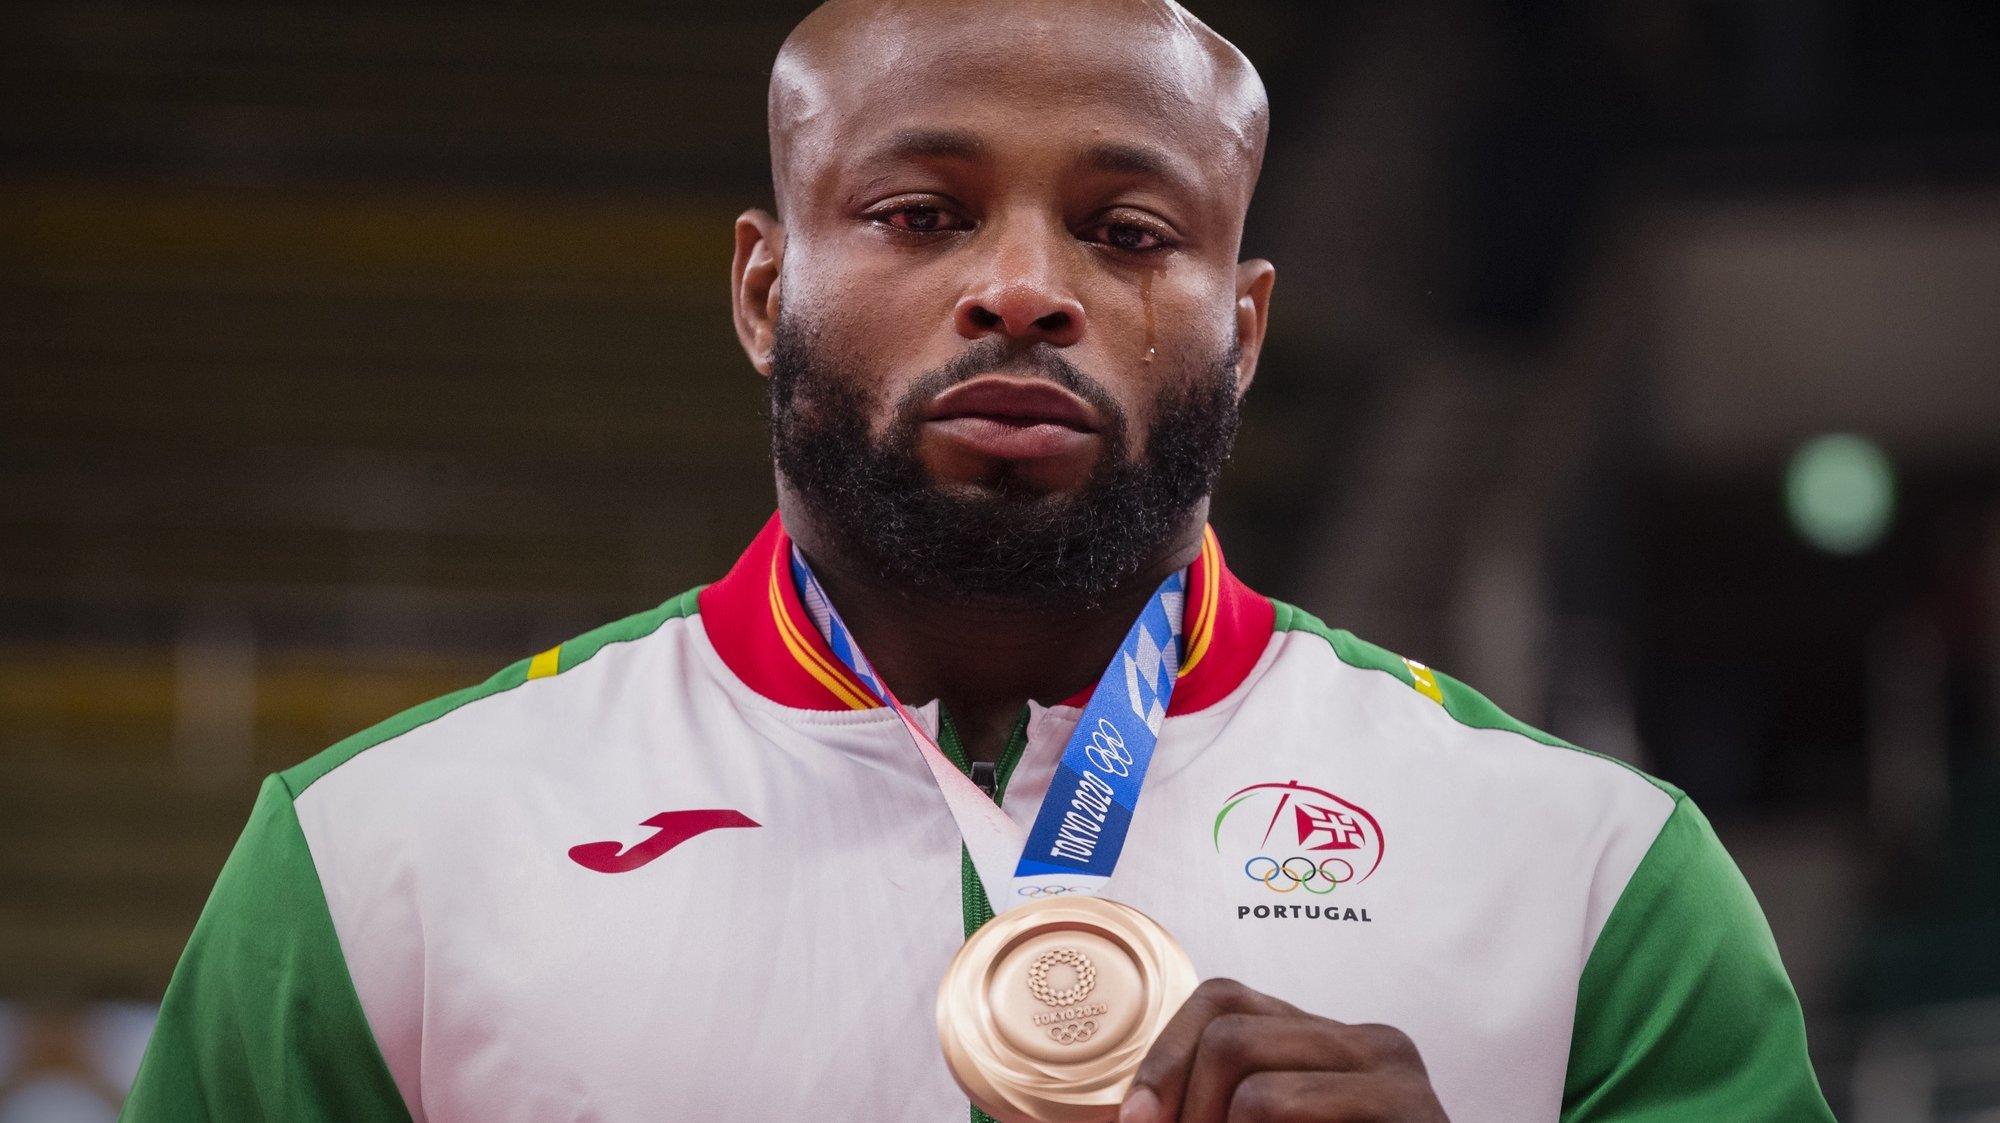 O judoca português, Jorge Fonseca conquistou a medalha de bronze na categoria de -100 kg, nos Jogos Olimpicos de Tóquio2020, no Nipon Budokan de Tóquio, Japão, 29 de julho de 2021. JOSÉ COELHO/LUSA